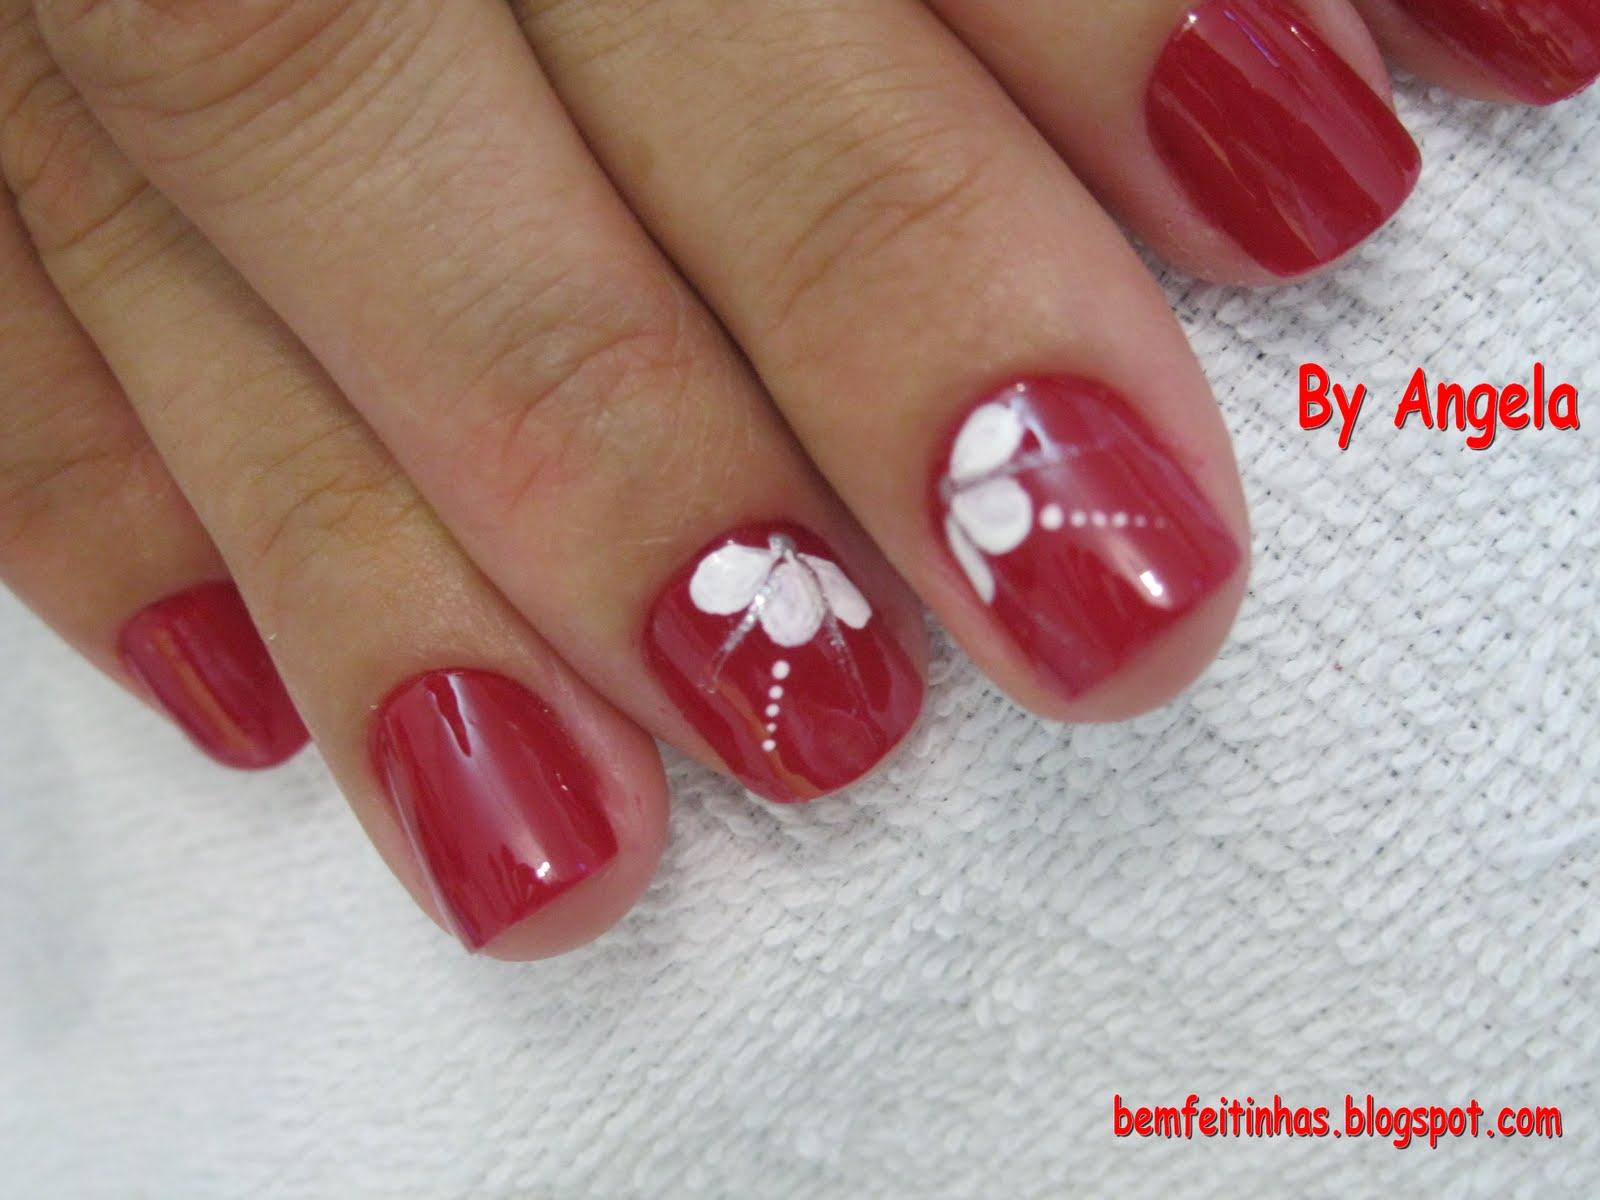 decoracao em unha branca : decoracao em unha branca:Bem Feitinhas: Decoração Branca em unha vermelha